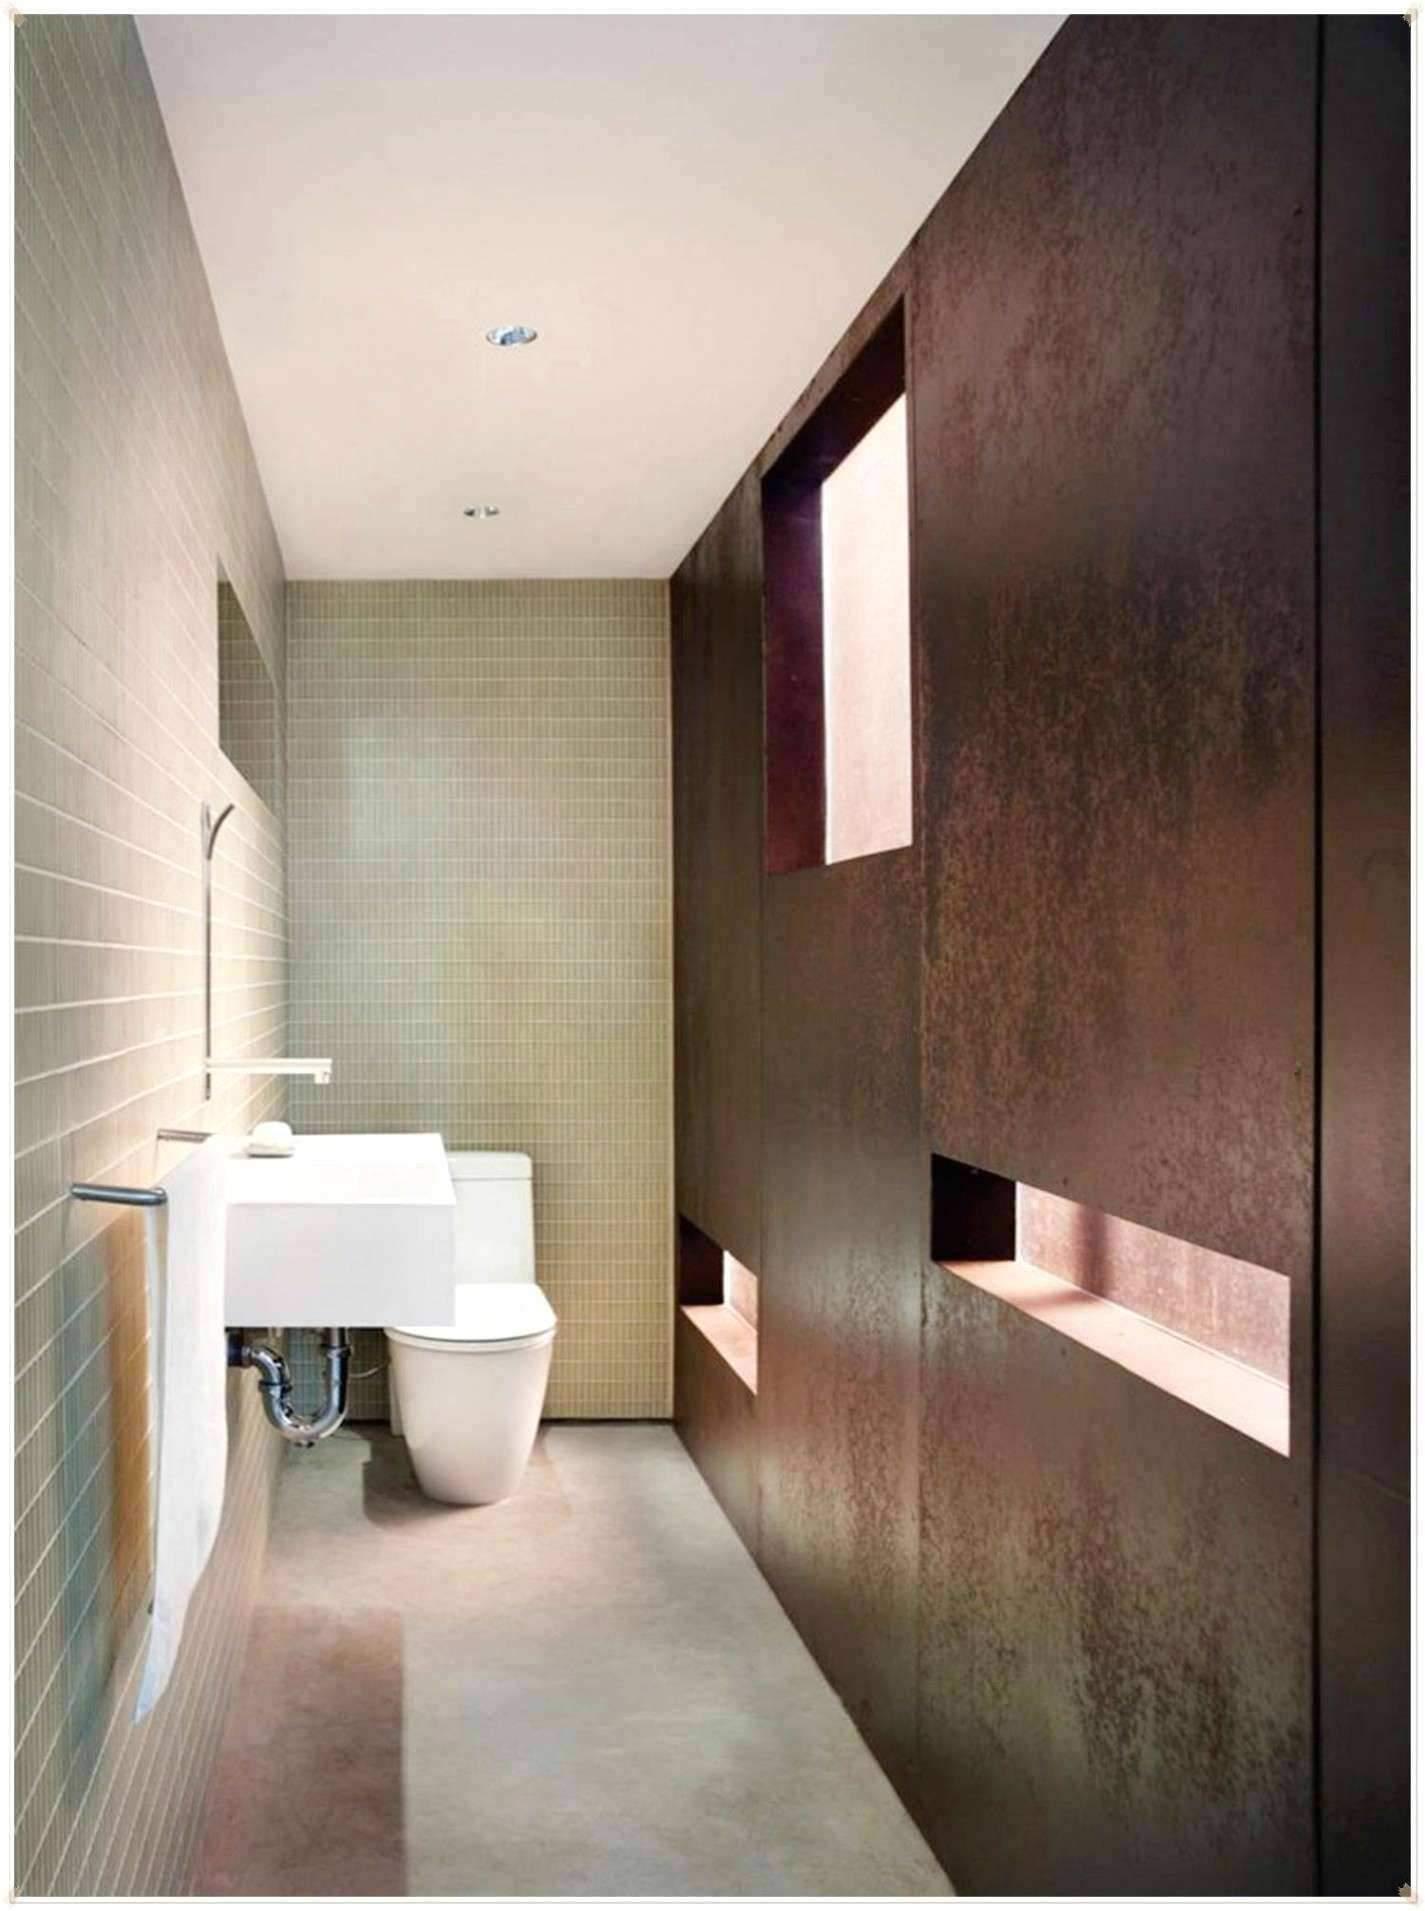 aufbewahrungsbox fur garten reizend badezimmer deko ideen elegant neueste modelle von badezimmer of aufbewahrungsbox fur garten